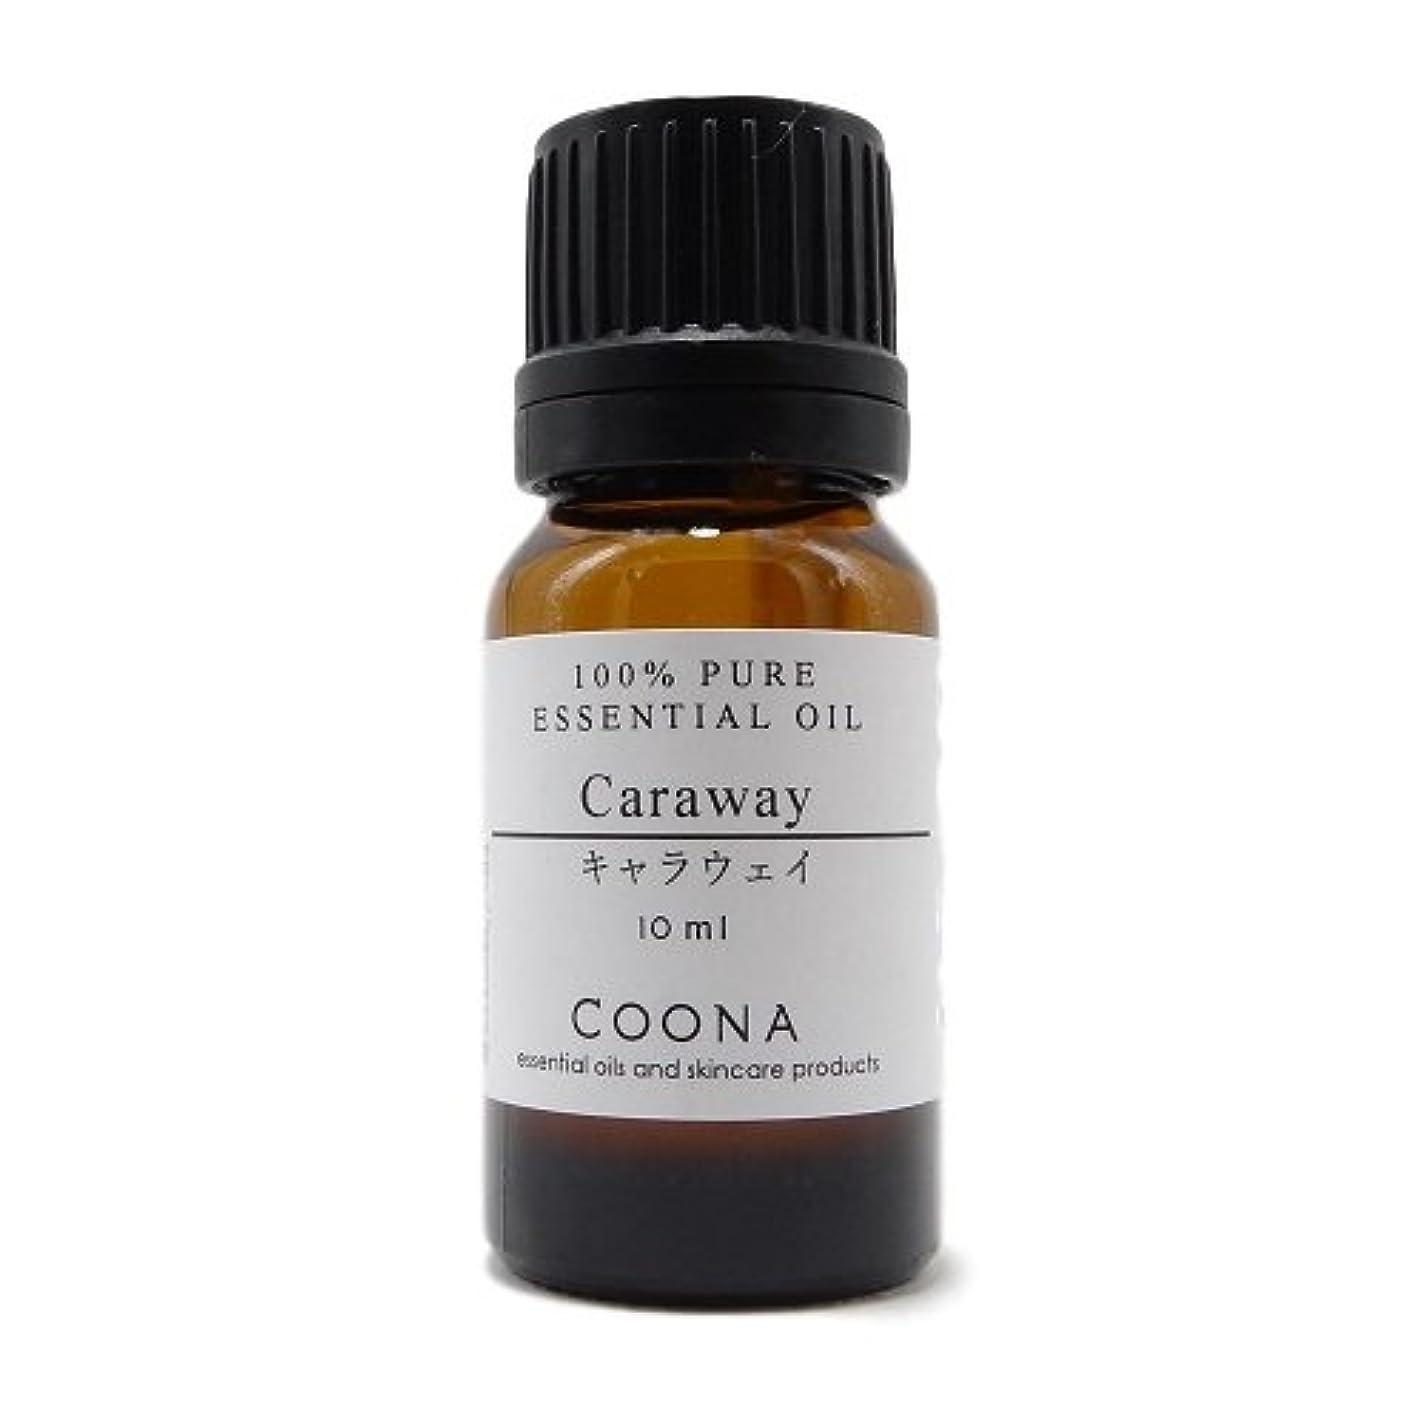 小さい玉ねぎ狭いキャラウェイ 10 ml (COONA エッセンシャルオイル アロマオイル 100%天然植物精油)